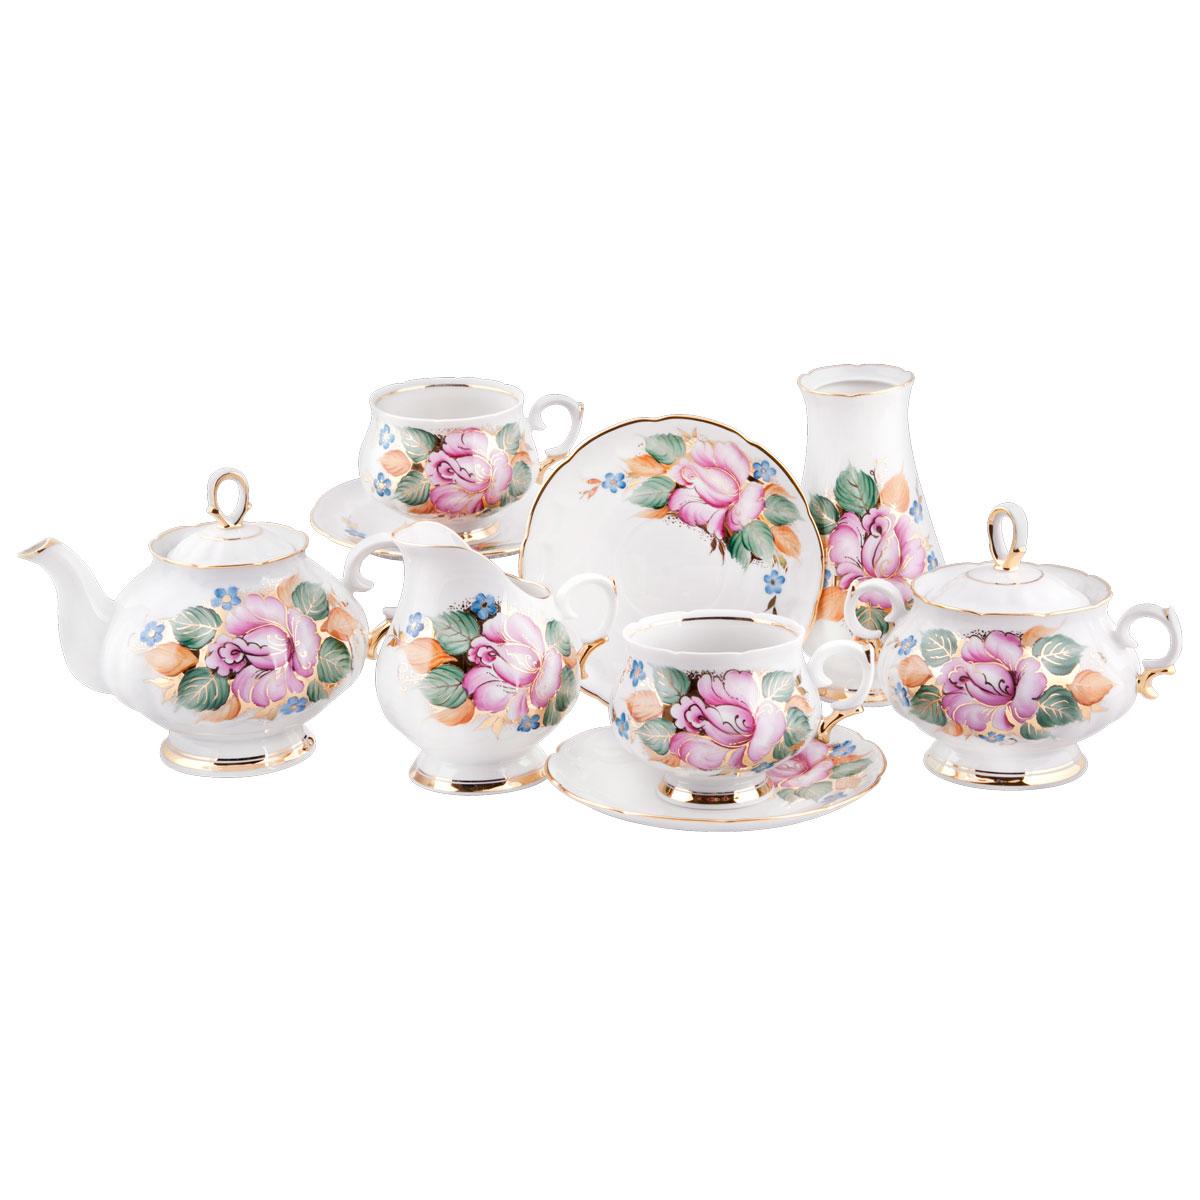 Сервиз чайный Башфарфор Розалия, 16 предметовСЧН 01.16.2.Ж.08Сервиз чайный из белого фарфора рассчитан на 6 персон. Тонкий белый фарфор.Изумительная посуда для настоящих ценителей с хорошим вкусом, подходит и для особых случаев и на каждый день. В состав набора входит: чашка 250мл 6 шт, блюдце 14,5см 6 шт, сахарница 300мл 1шт, чайник 600мл 1 шт, Молочник 250мл 1шт.